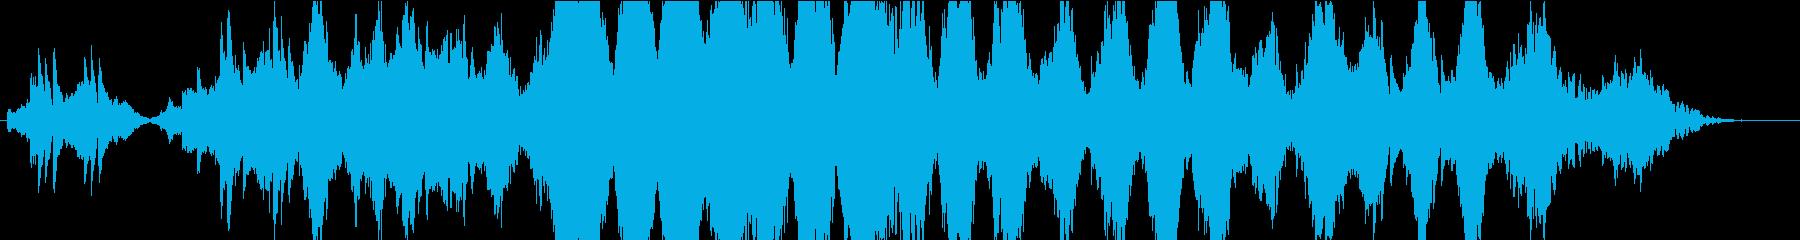 ストリングス、ピアノ中心のしっとりな感じの再生済みの波形